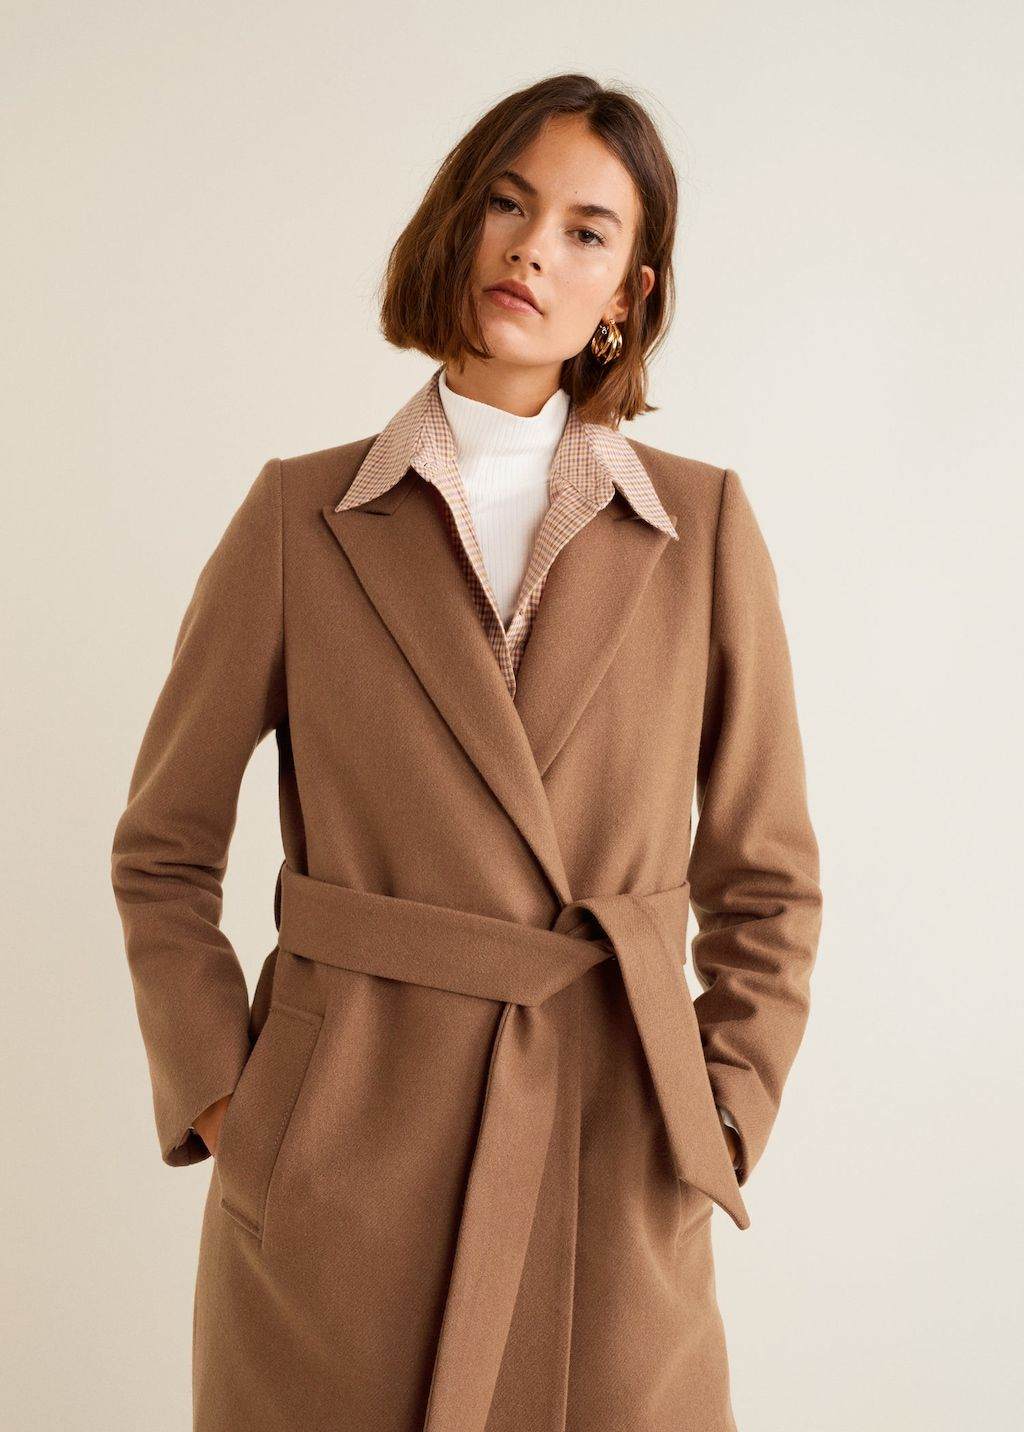 a708ada51de Abrigo lana estructurado - Abrigos de Mujer